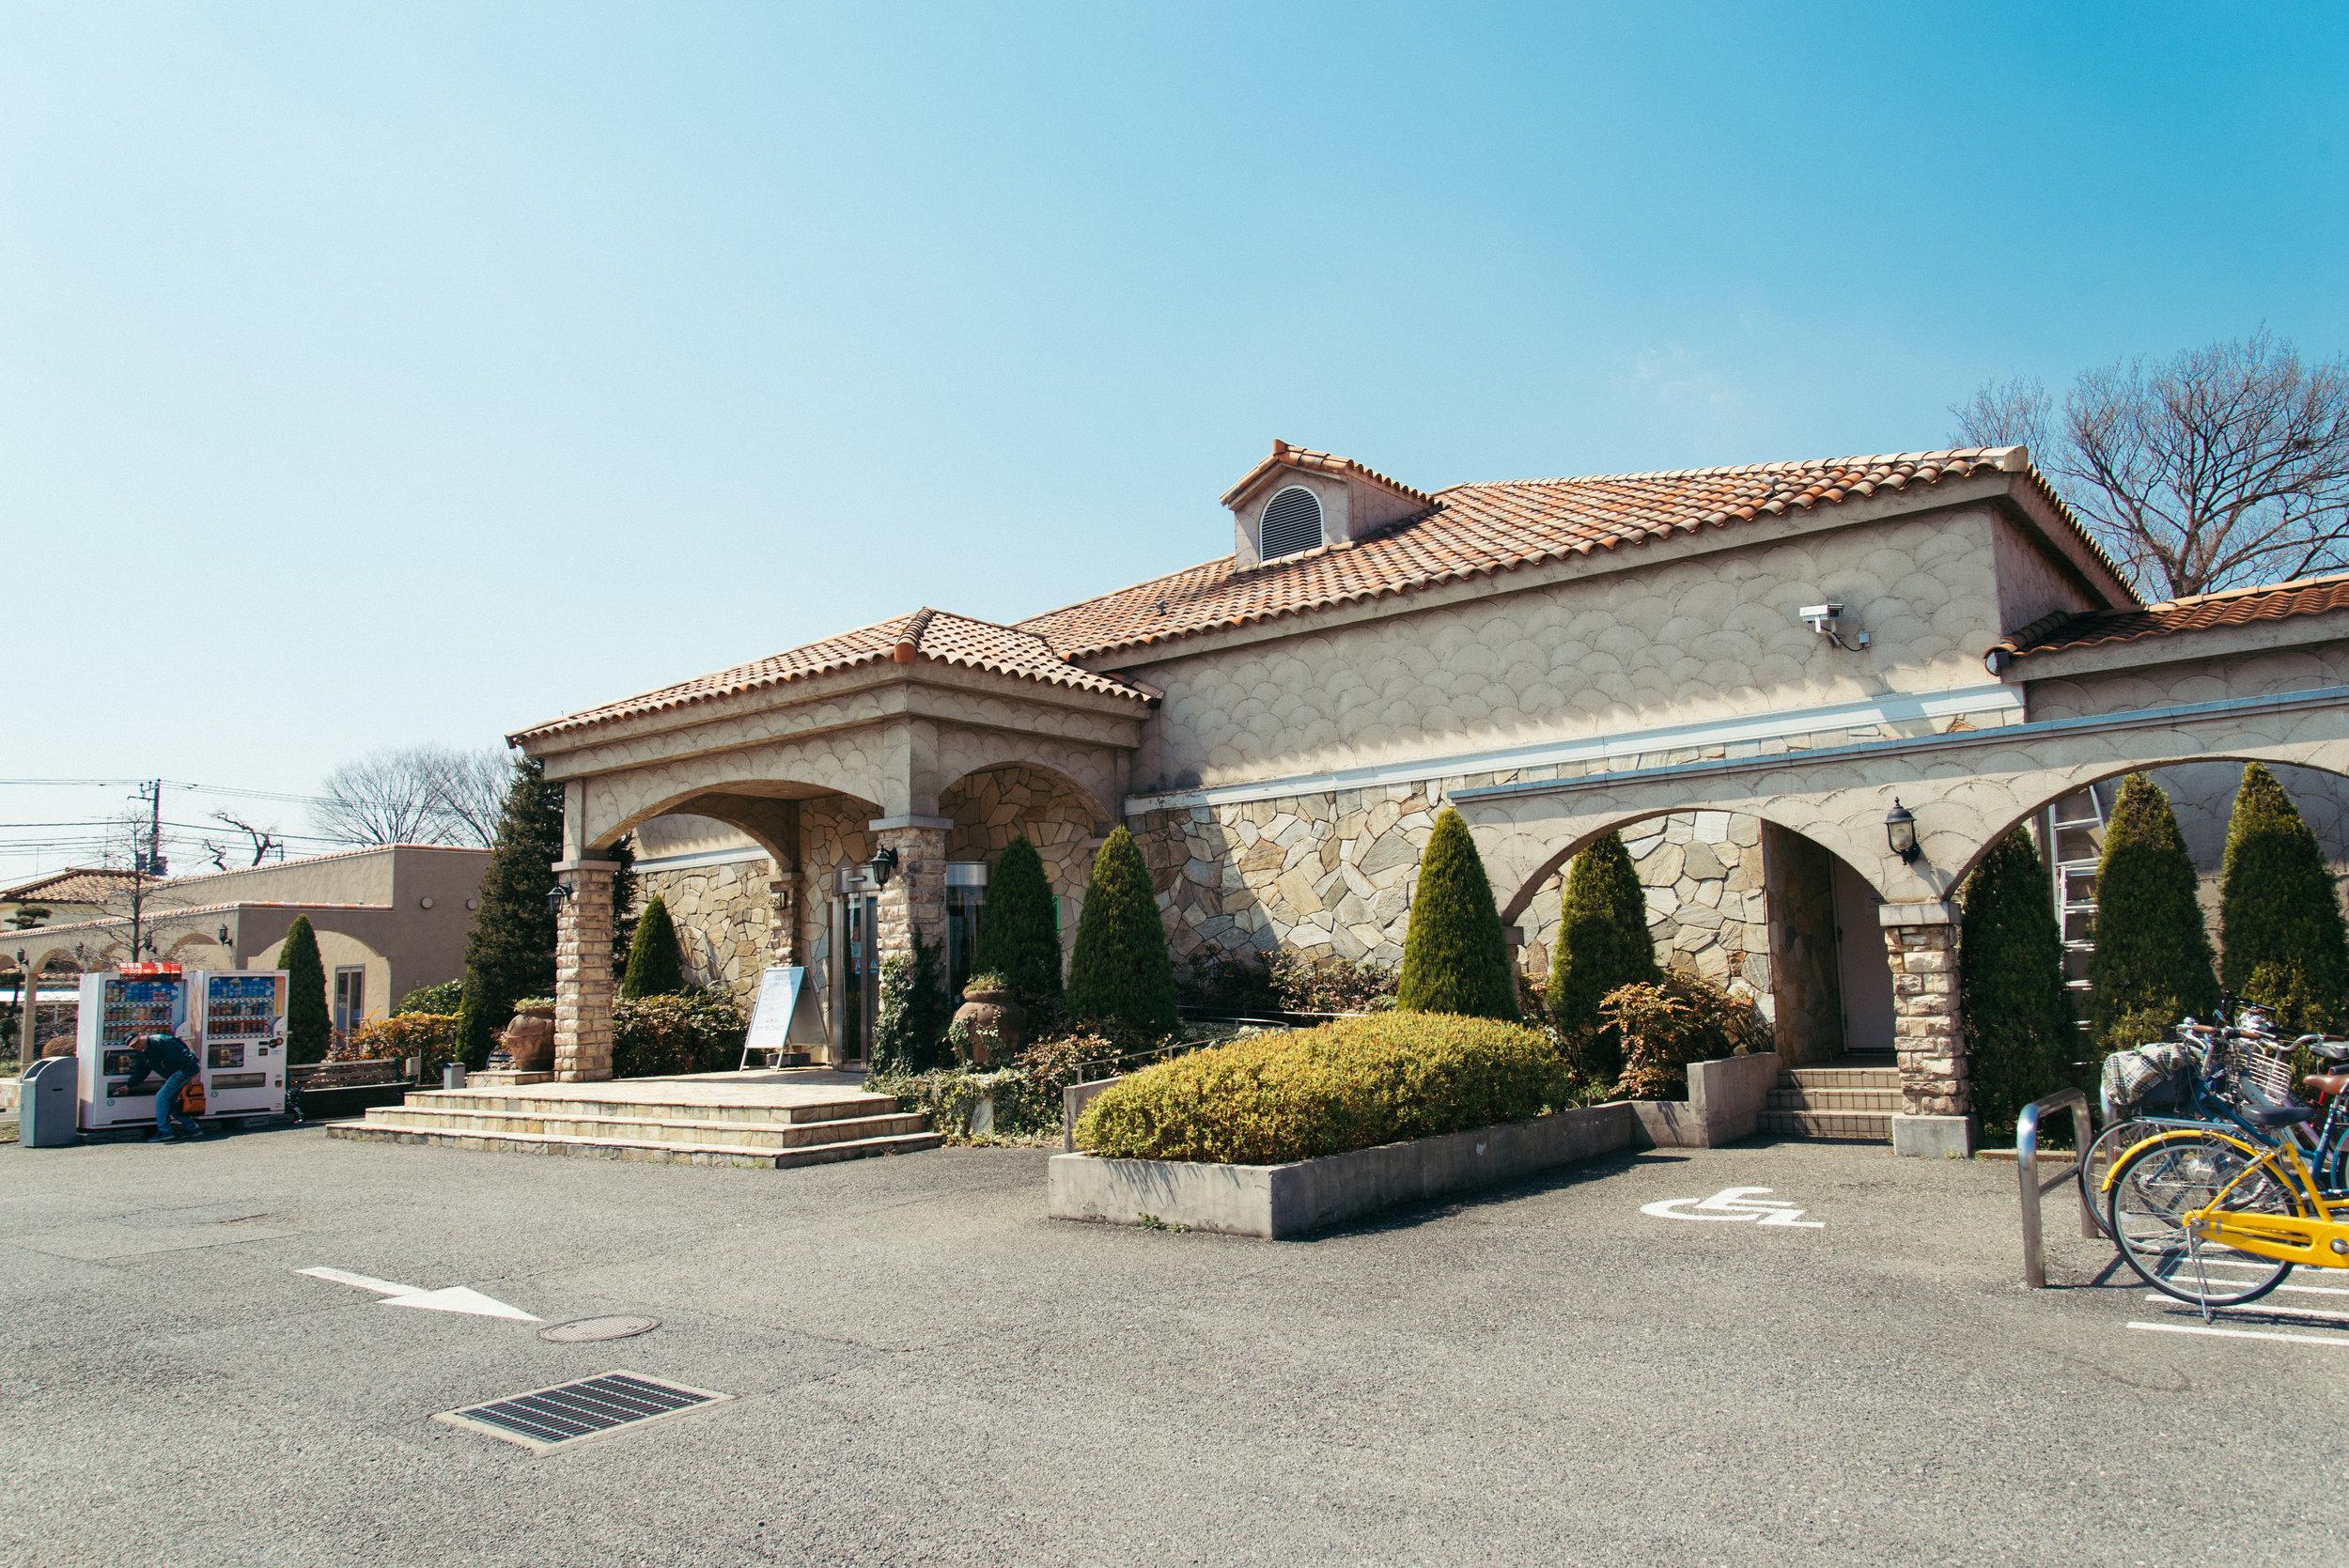 テルメ(terume)在古羅馬時代即帶有「公眾浴場」的含義,因此テルメ小川整體建築及溫泉設施均由歐洲風格打造。除了以古羅馬廣場為設計概念的女湯露天風呂外,還引進古羅馬式的低溫香草蒸氣室。在復古藍色空間內,被每月更換一次的香草氣味與蒸氣包圍,不僅是筋骨的放鬆,更能軟化平日疏於看顧的心靈。